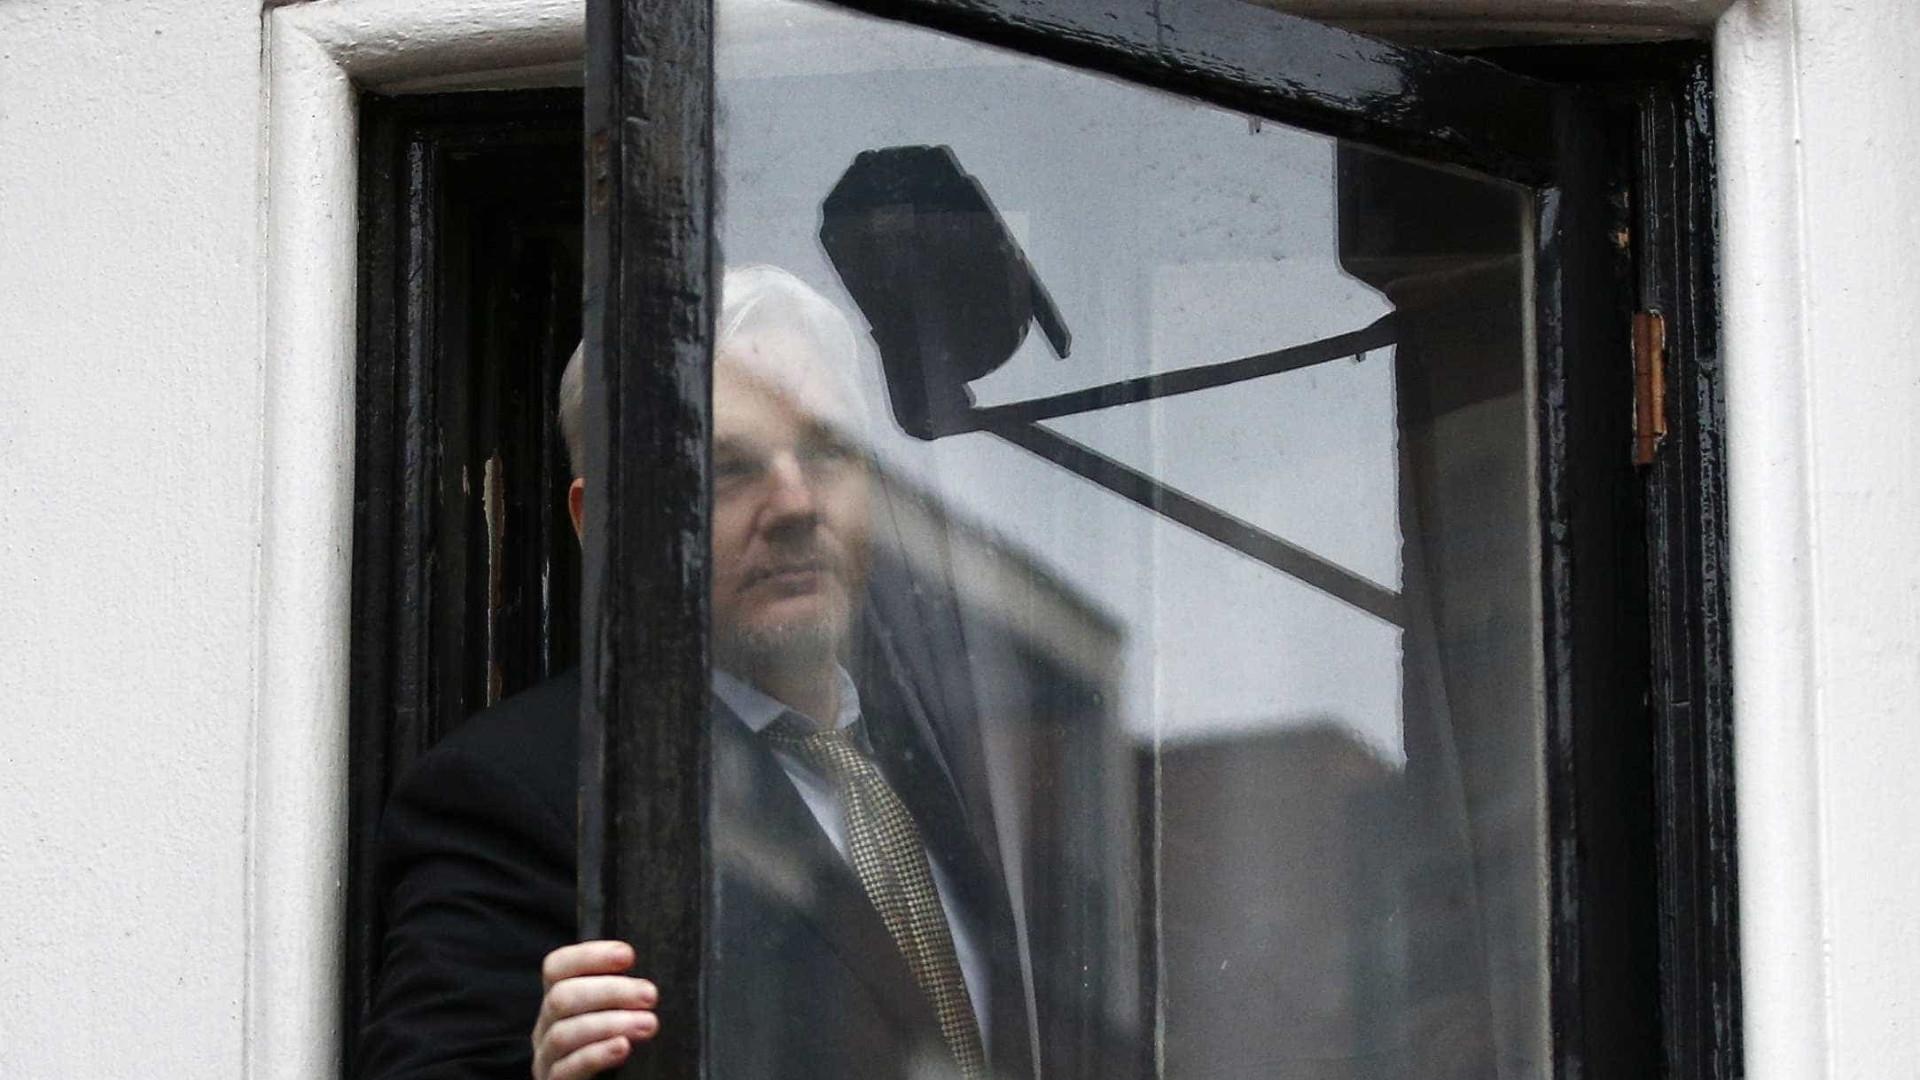 Suécia pode reabrir processo contra Assange até 2020, lembra procuradora